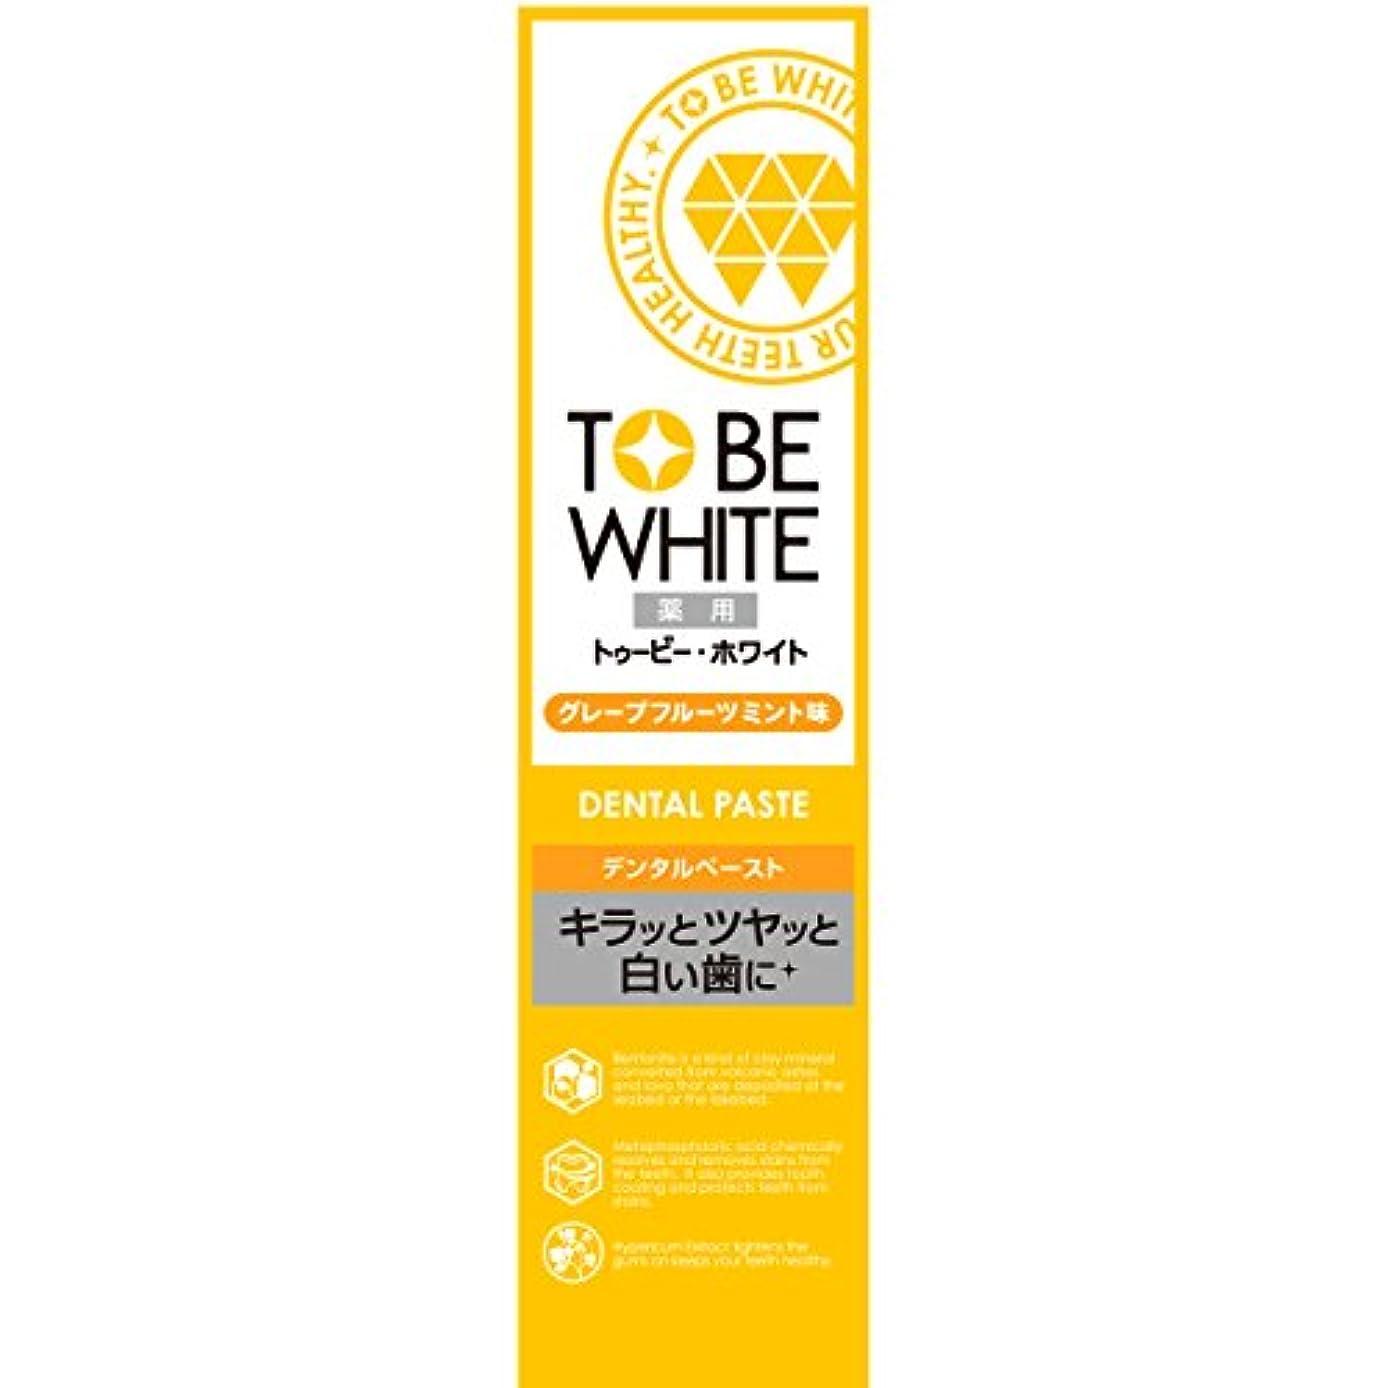 インクファン毎週トゥービー?ホワイト 薬用 ホワイトニング ハミガキ粉 グレープフルーツミント 味 60g 【医薬部外品】